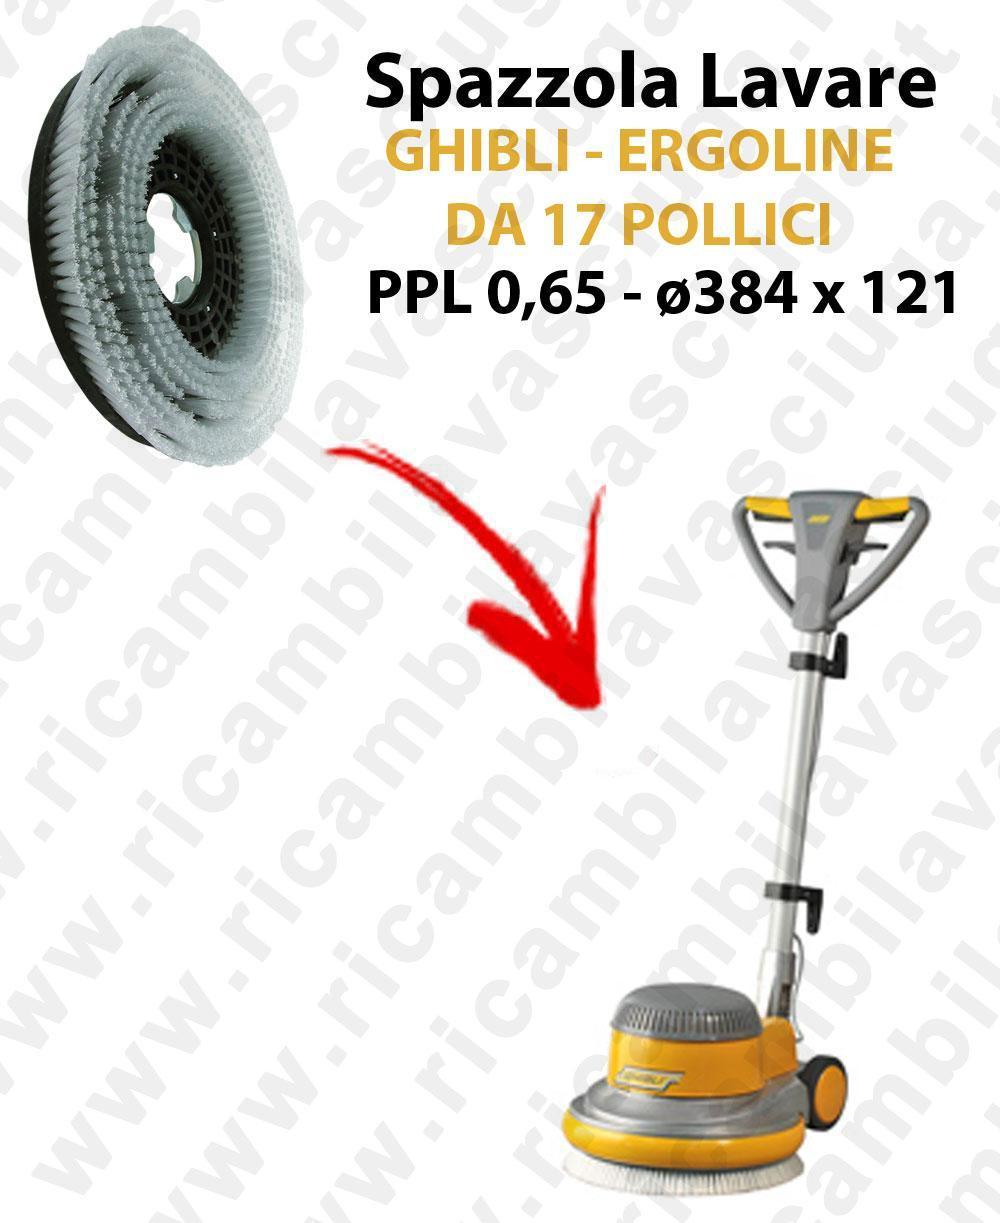 Standard Bürsten für scheuersaugmaschinen von 17 zoll GHIBLI ERGOLINE